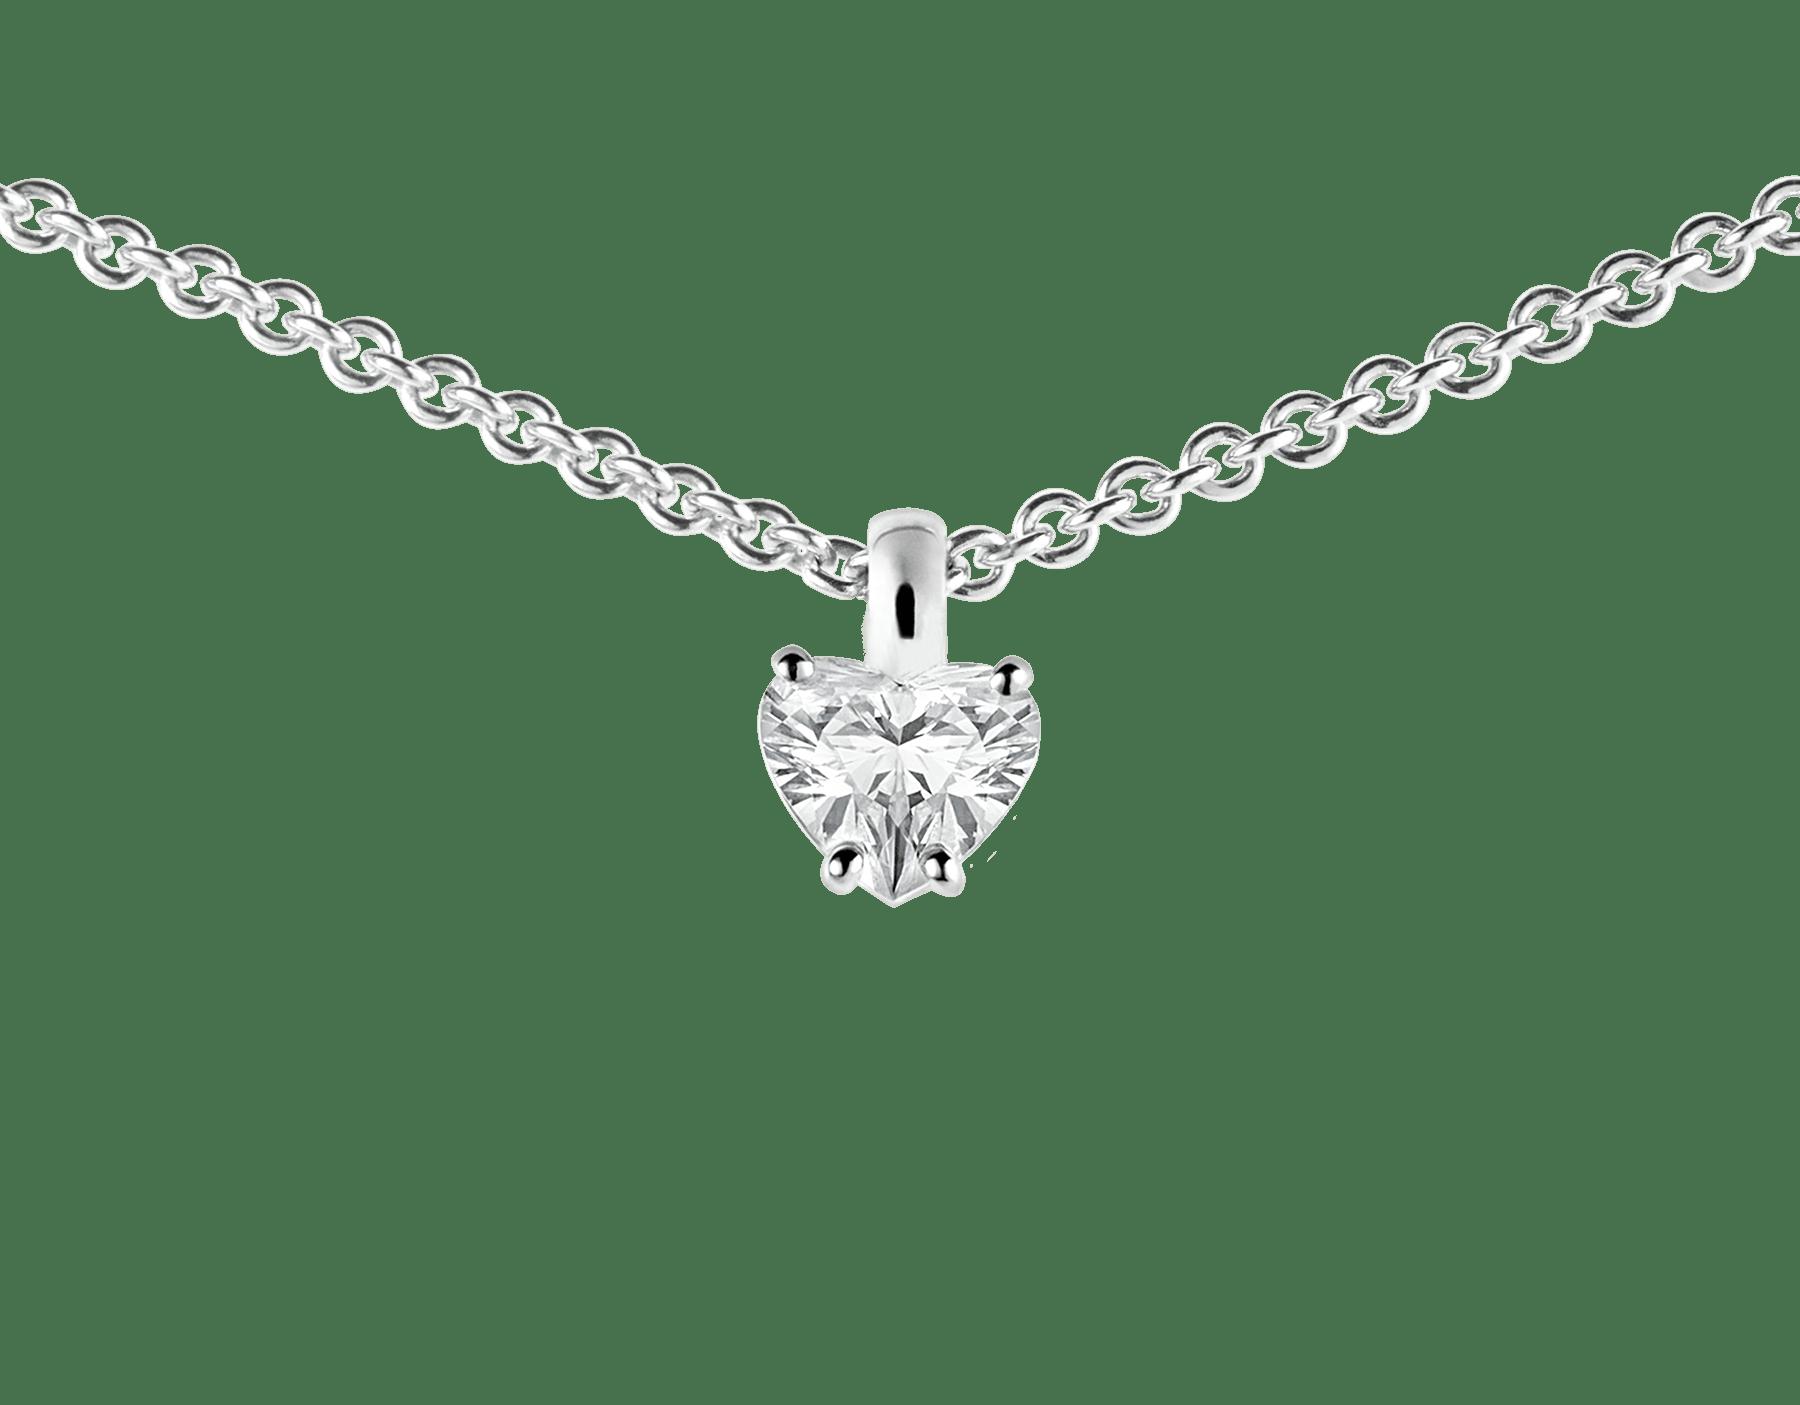 Pendentif Griffe en or blanc 18K serti d'un diamant taille cœur et chaîne en or blanc 18K 338204 image 2